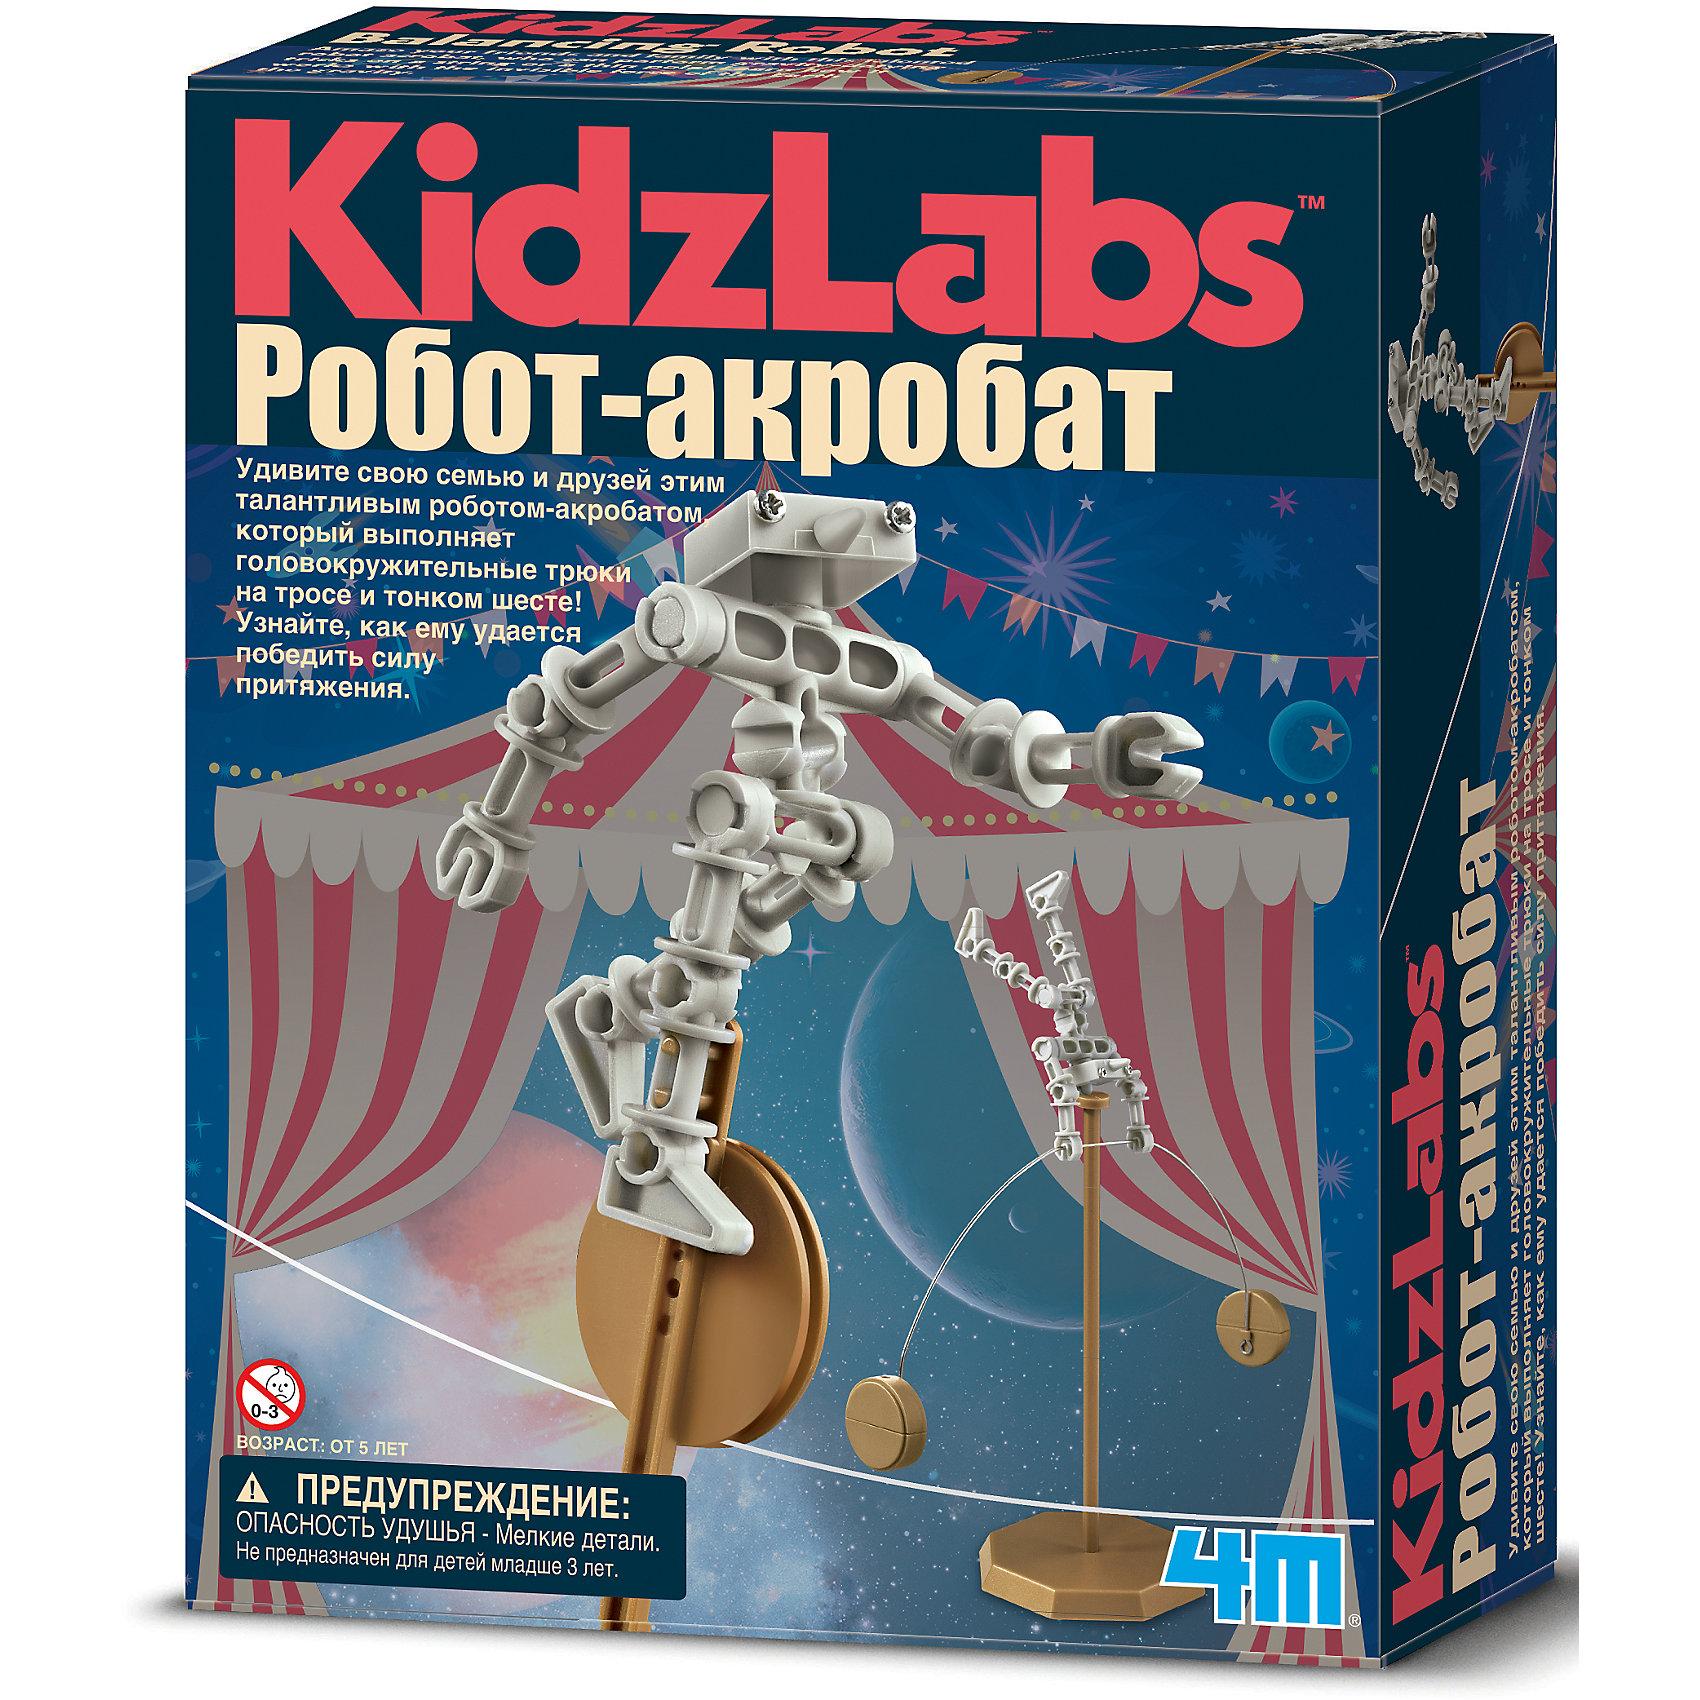 Робот акробат, 4MРобот акробат, 4M - набор поможет юному исследователю устроить цирковое представление с роботом, которому неведомо понятие сила притяжения.<br>Удивите свою семью и друзей этим талантливым роботом-акробатом, который выполняет головокружительные трюки на тросе и тонком шесте! Узнайте, как ему удается победить силу притяжения. Набор развивает интеллектуальные и творческие способности ребенка, стимулирует воображение и интерес к науке. Абсолютно безопасен, тщательно протестирован и соответствует европейским стандартам.<br><br>Дополнительная информация:<br><br>- В наборе: набор частей тела роботы, набор капсул-грузиков, одноколесный велосипед, шест, струна-трос<br>- Батарейки: 2 типа АА (в комплект не входят)<br>- Материал: металл, пластмасса<br>- Дополнительно потребуются: крестовая отвертка, монеты (для наполнения капсул-грузиков)<br>- Размер упаковки: 22 х 17 х 6 см.<br>- Вес: 206 гр.<br><br>Набор Робот акробат, 4M можно купить в нашем интернет-магазине.<br><br>Ширина мм: 220<br>Глубина мм: 170<br>Высота мм: 60<br>Вес г: 206<br>Возраст от месяцев: 96<br>Возраст до месяцев: 144<br>Пол: Унисекс<br>Возраст: Детский<br>SKU: 4561224